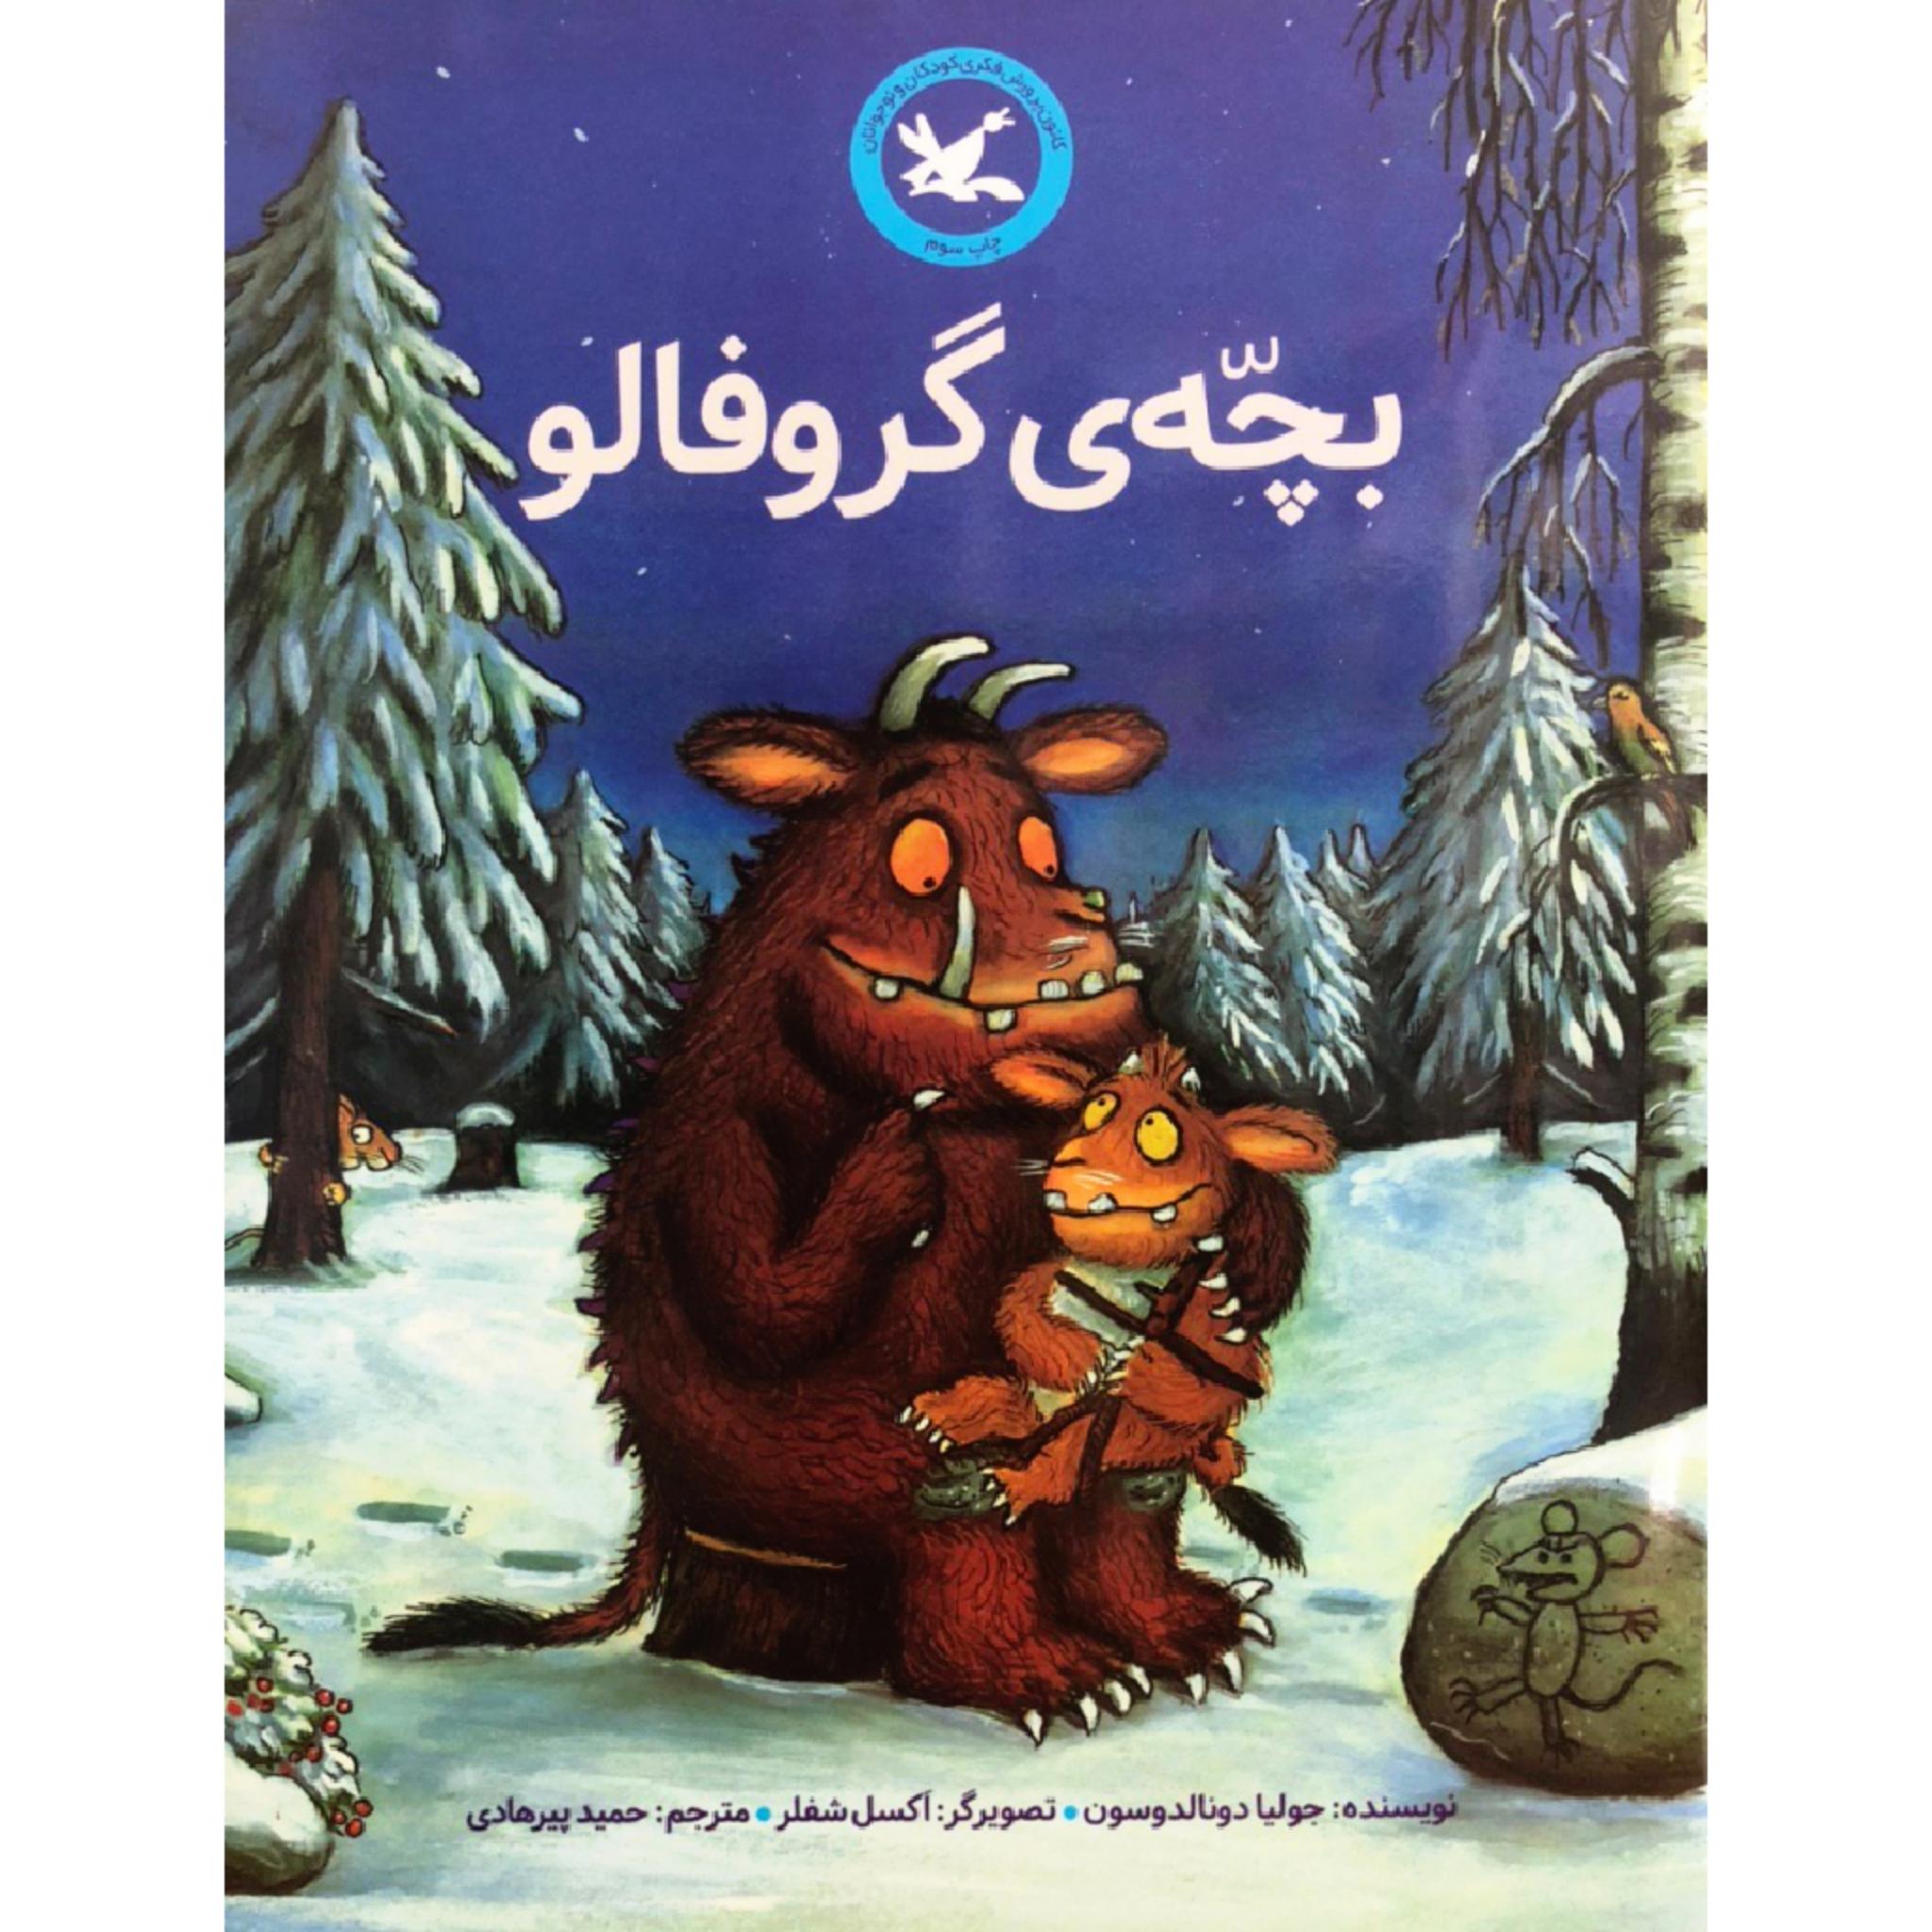 خرید                      کتاب بچه ی گروفالو اثر جولیا دونالدسون انتشارات کانون پرورش فکری کودکان و نوجوانان